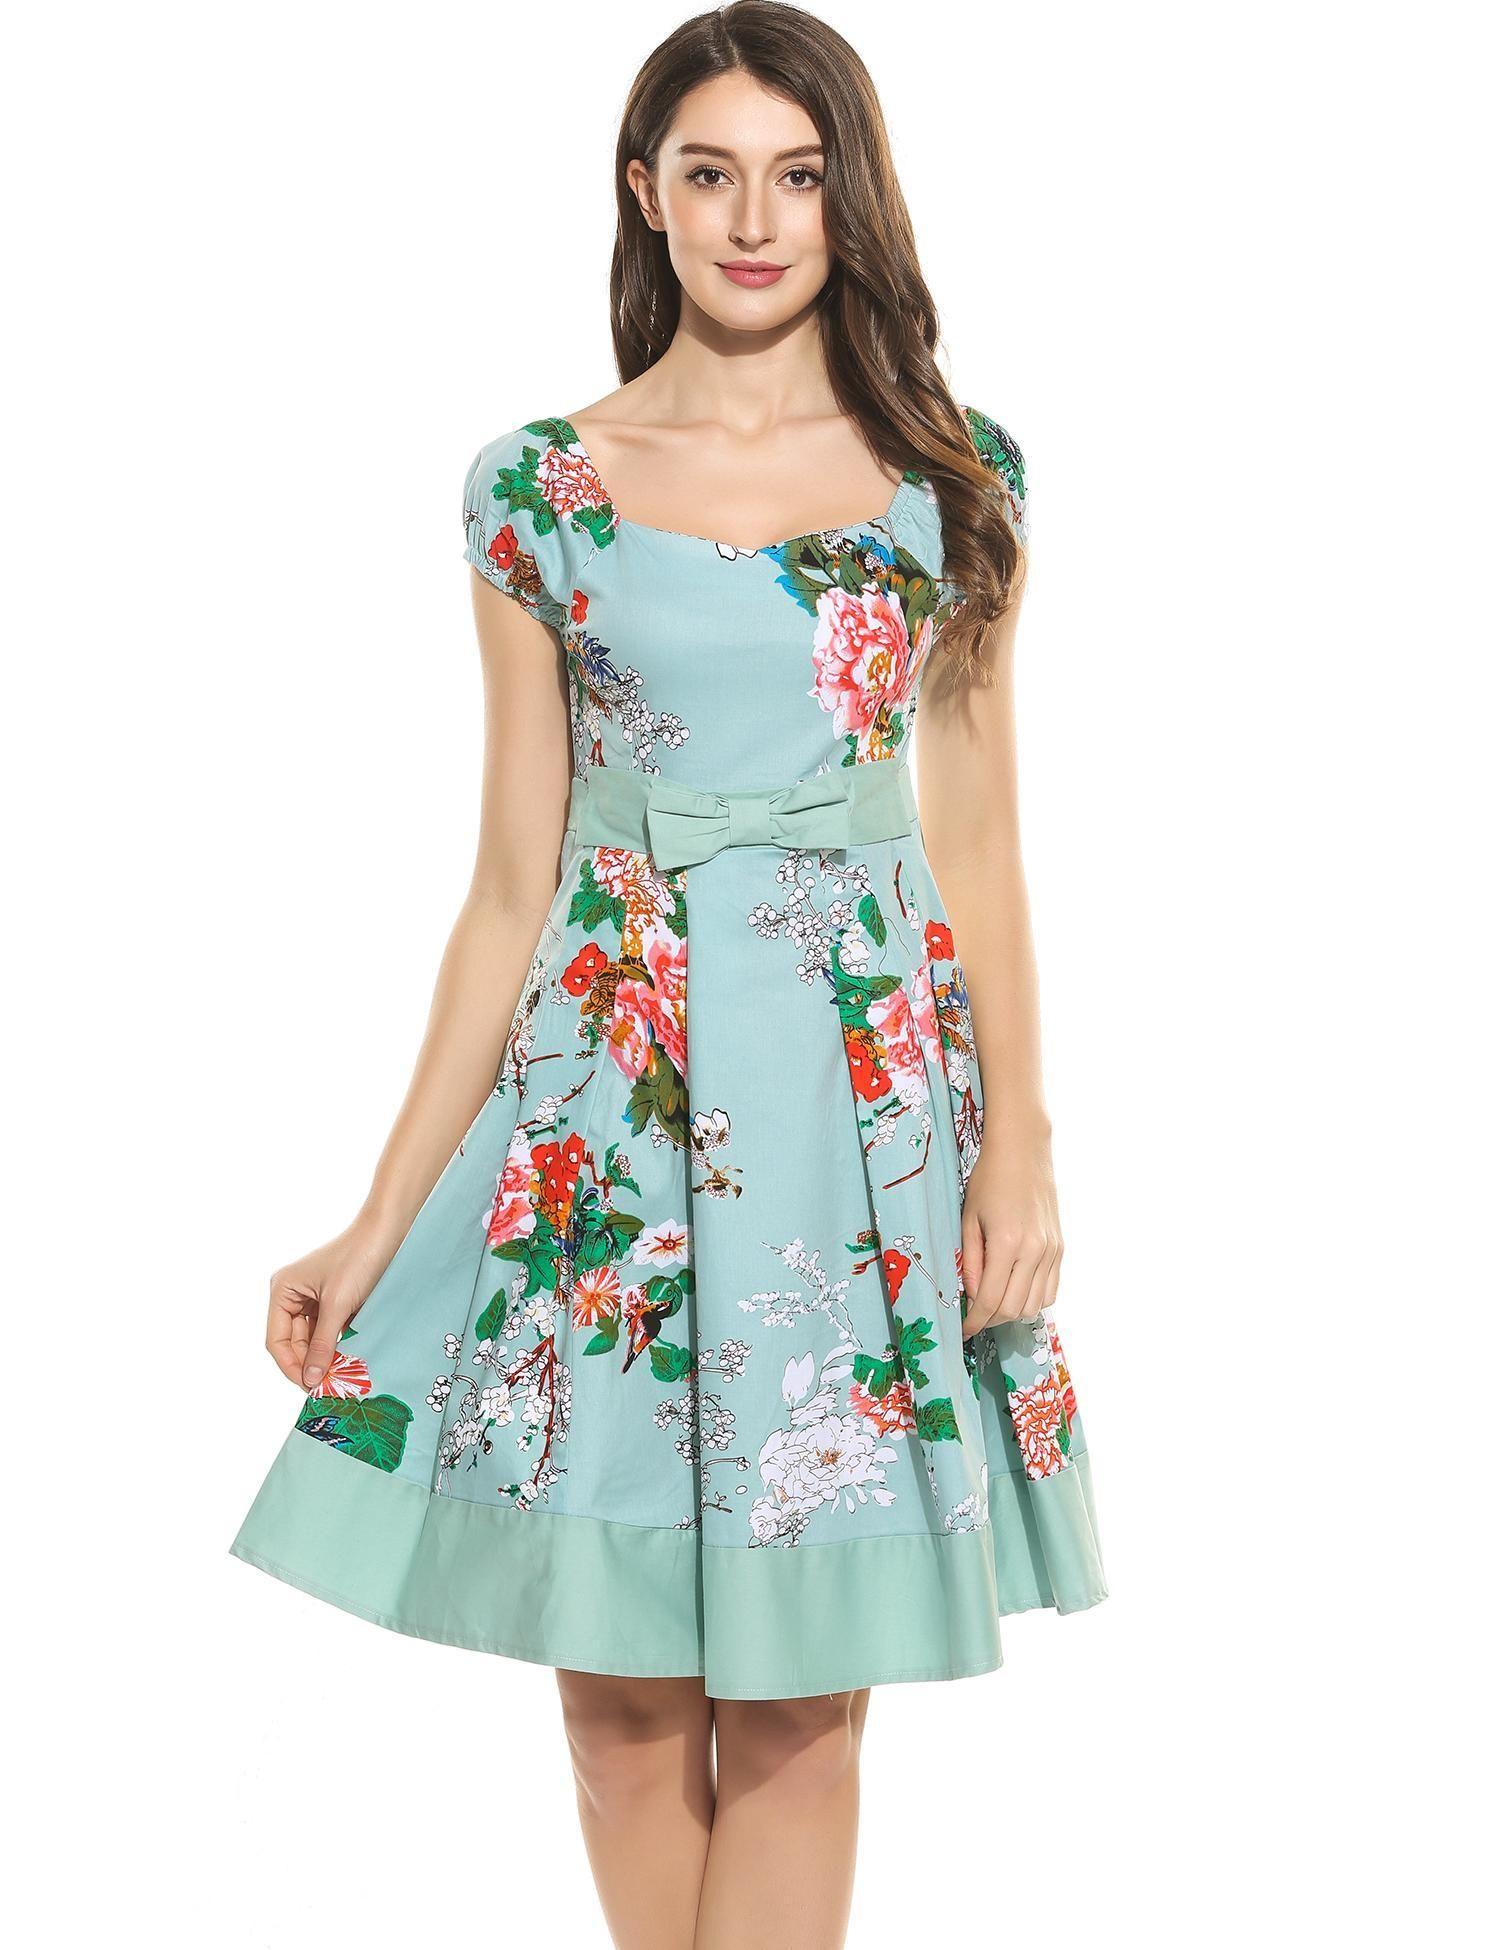 Azul cielo Nueva mujer Vintage estilos V-cuello Puff manga arco túnica  imprime una línea de vestidos plisados Patchwork Hem dresslink.com 1fbdacb1f502